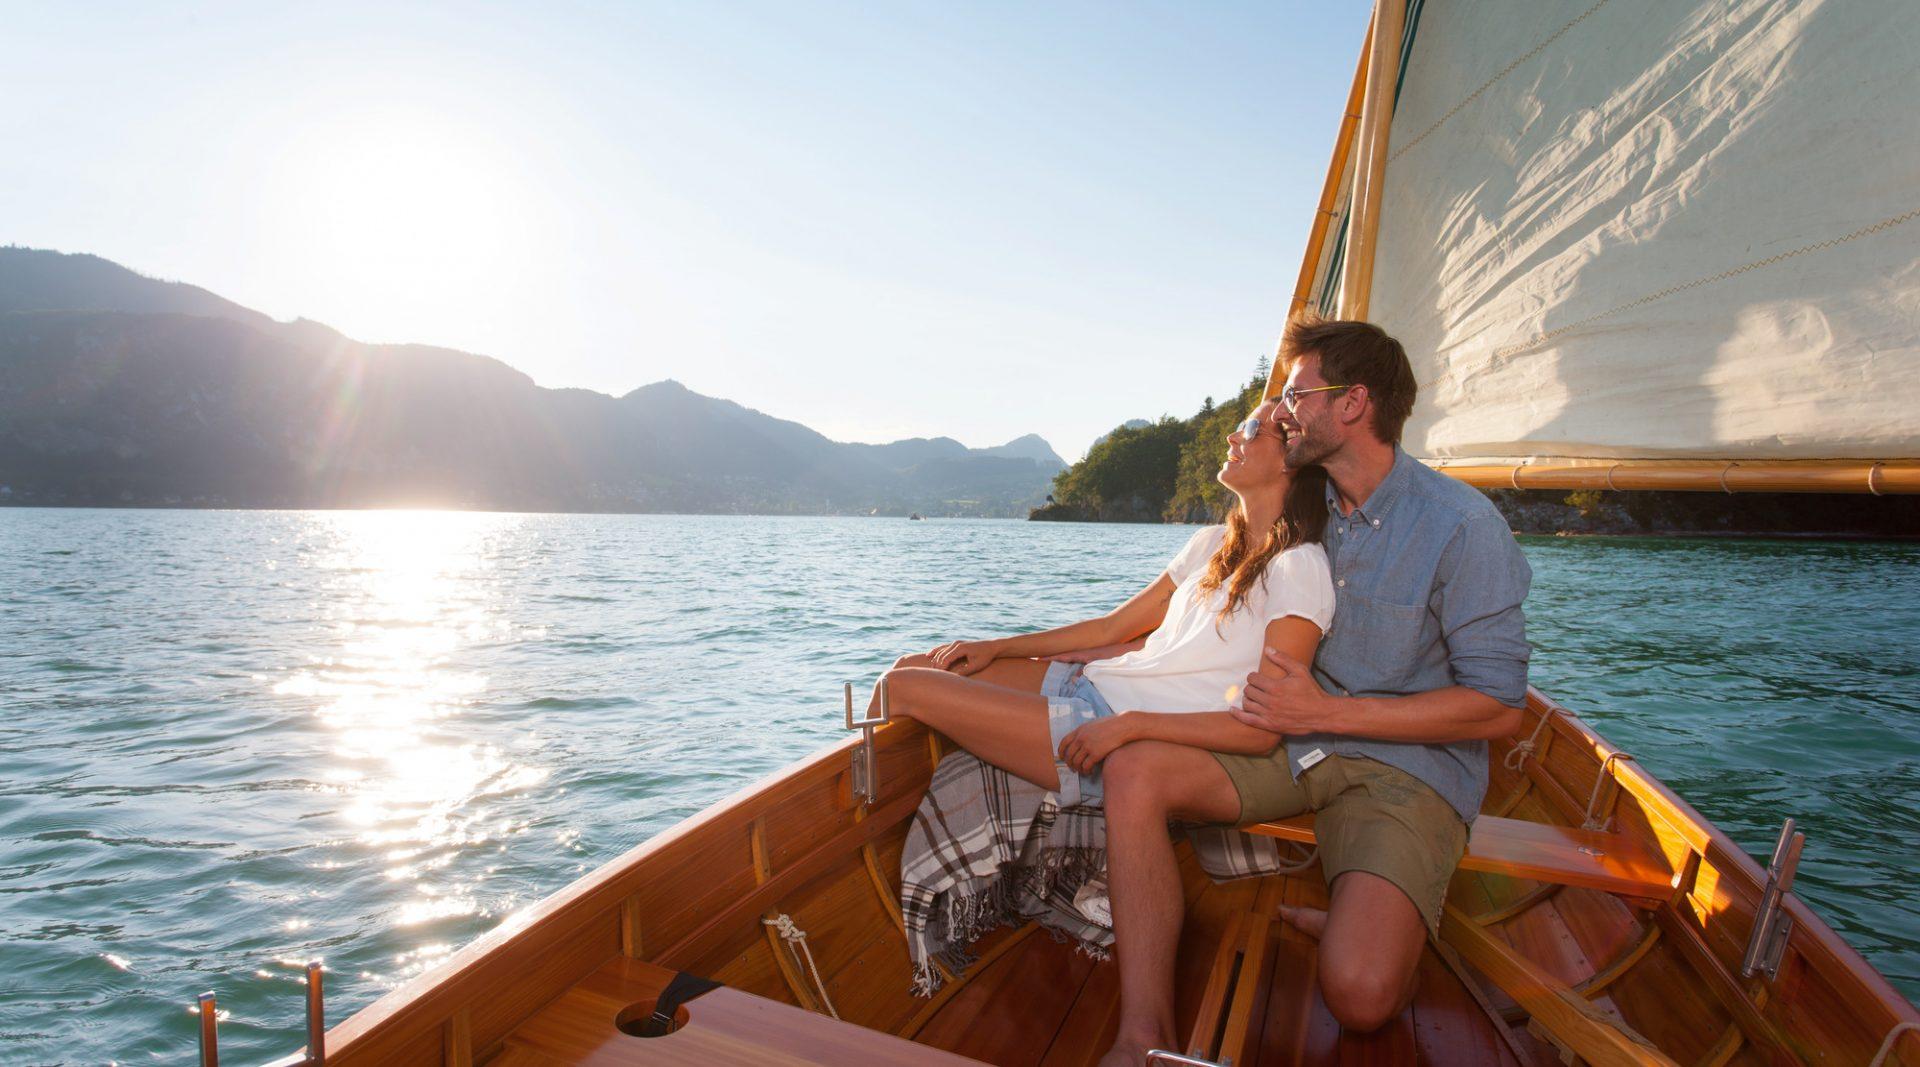 © SalzburgerLand Tourismus, Ideenwerk Werbeagentur Gmbh - beim Segeln mit dem Wind um die Wette fahren und dabei ganz zu sich kommen